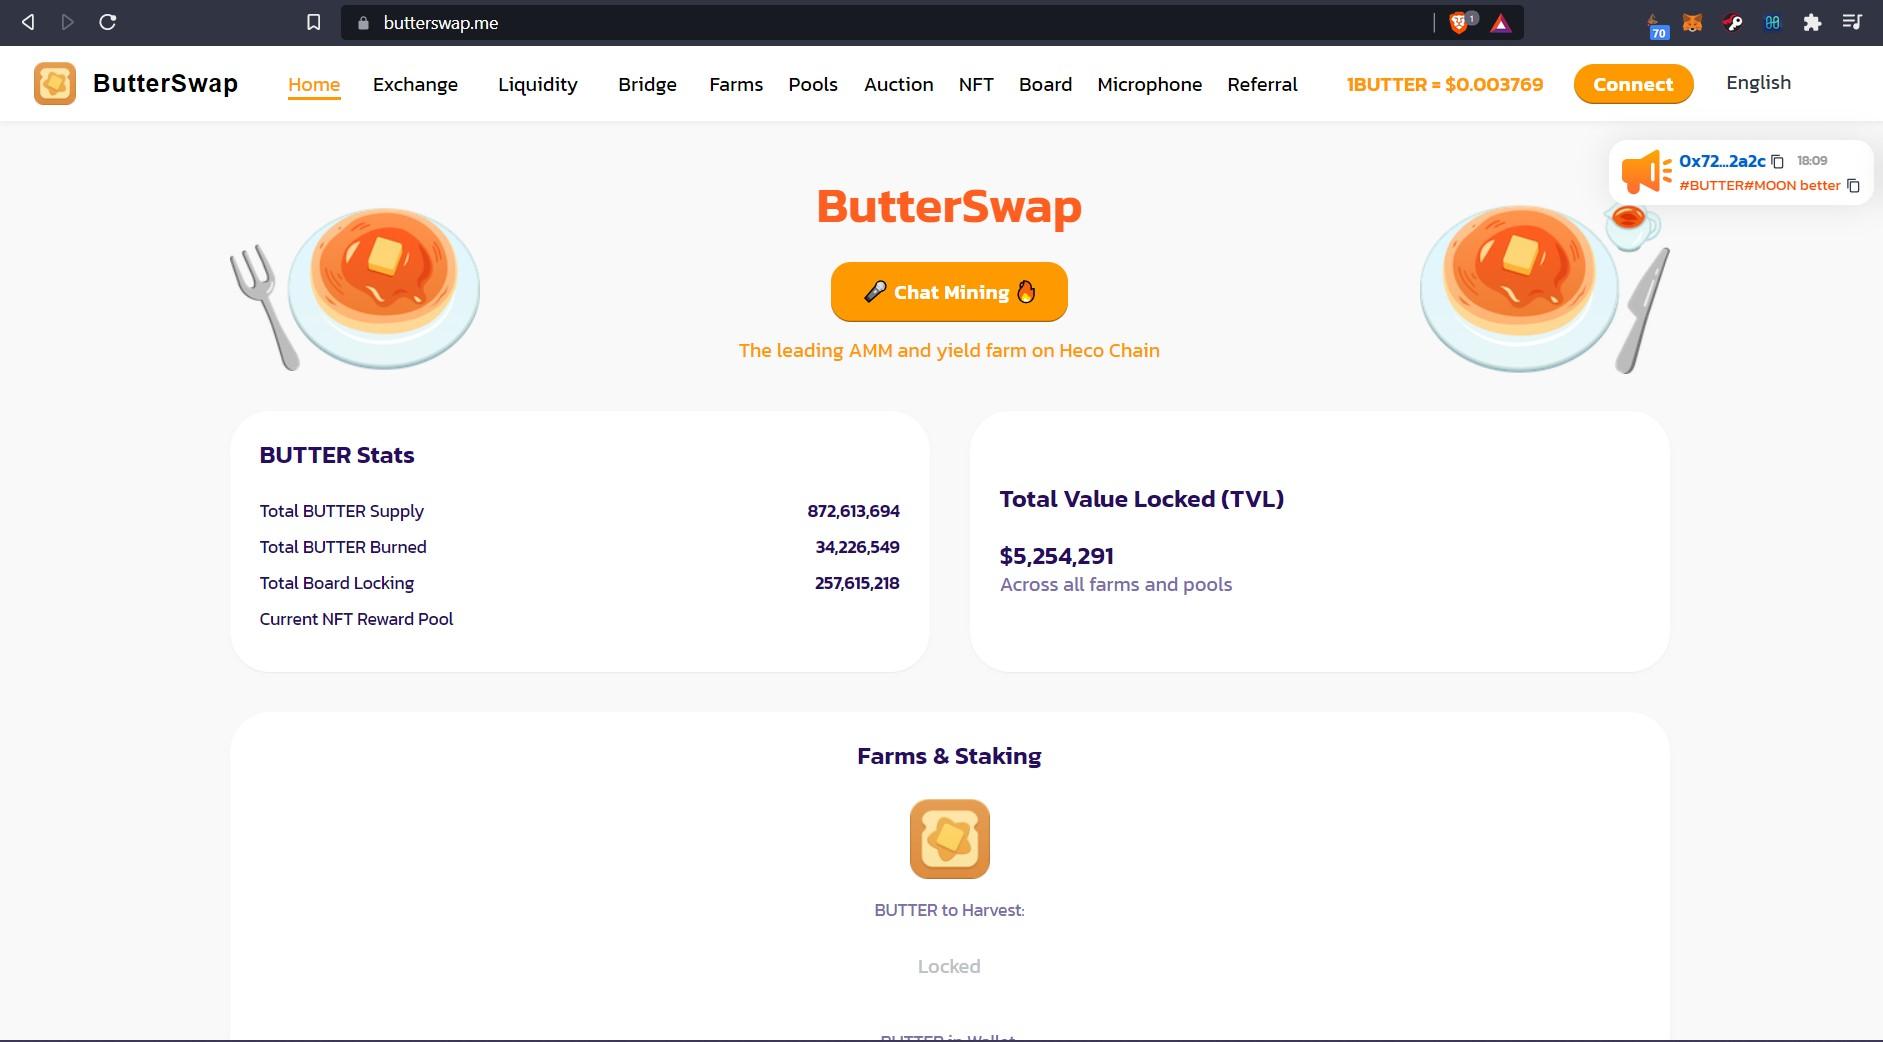 butterswap16.jpg